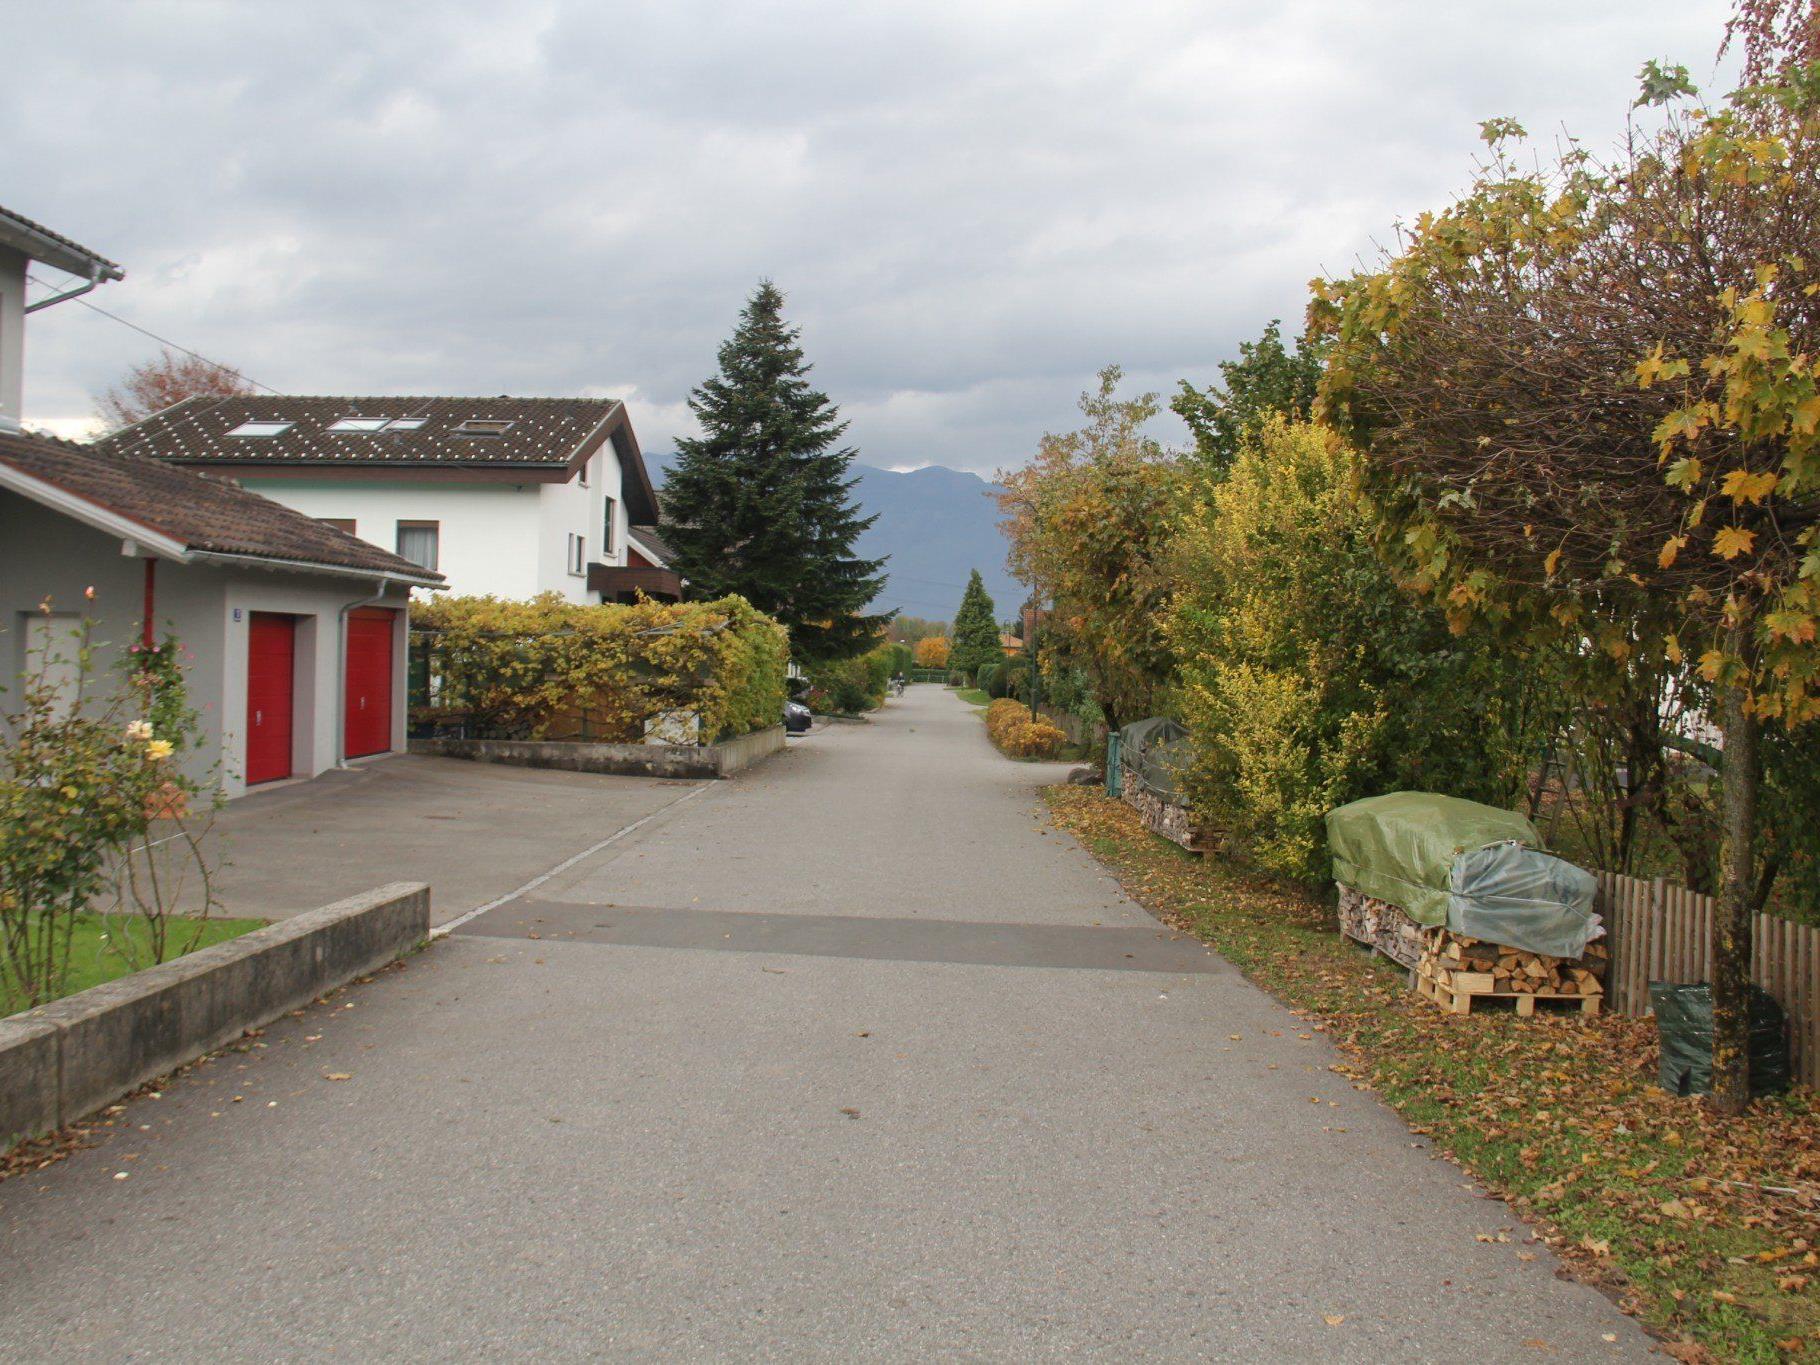 VOL.AT stellt die Straßen Vorarlbergs in einer großen Serie vor. - Im Bild der Sigibertweg.